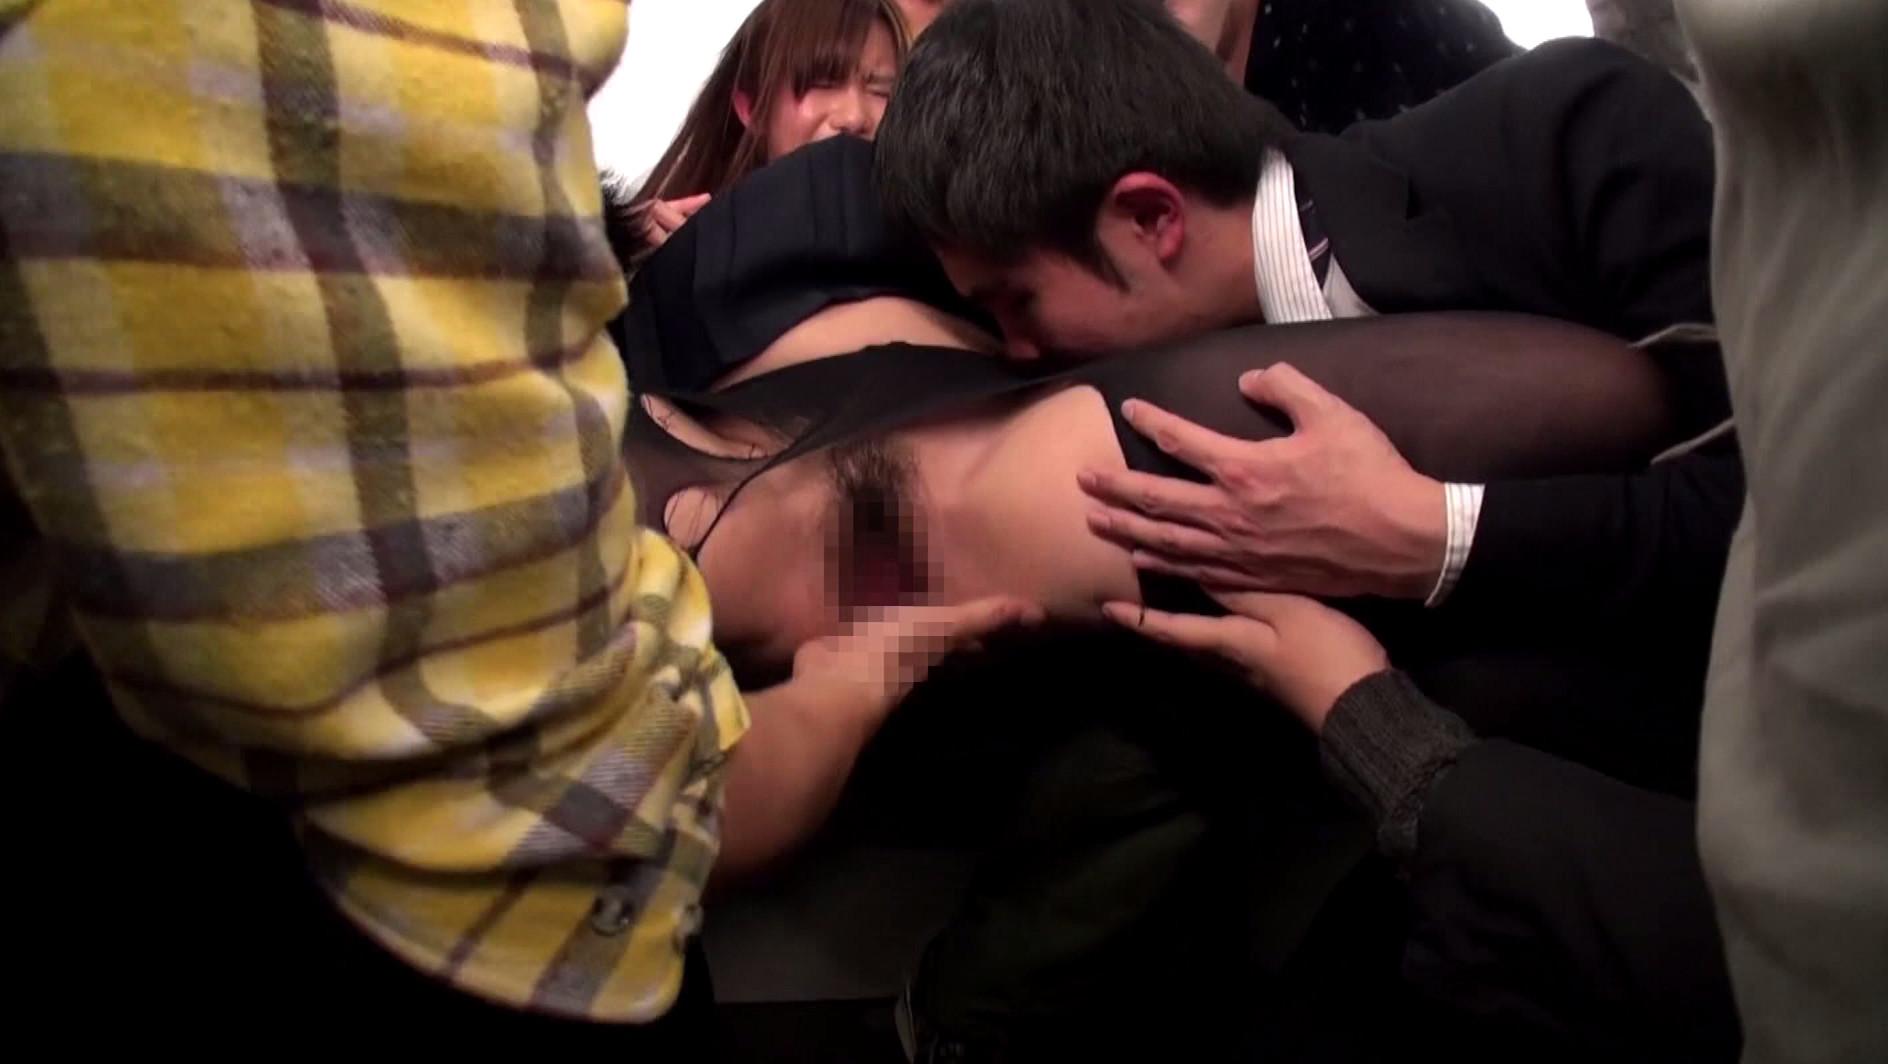 ストッキング女にターゲットを絞り集団バス痴漢!恐怖と快楽の境を失った女は幾度もイキまくり、ただの肉便器と化す! 画像8